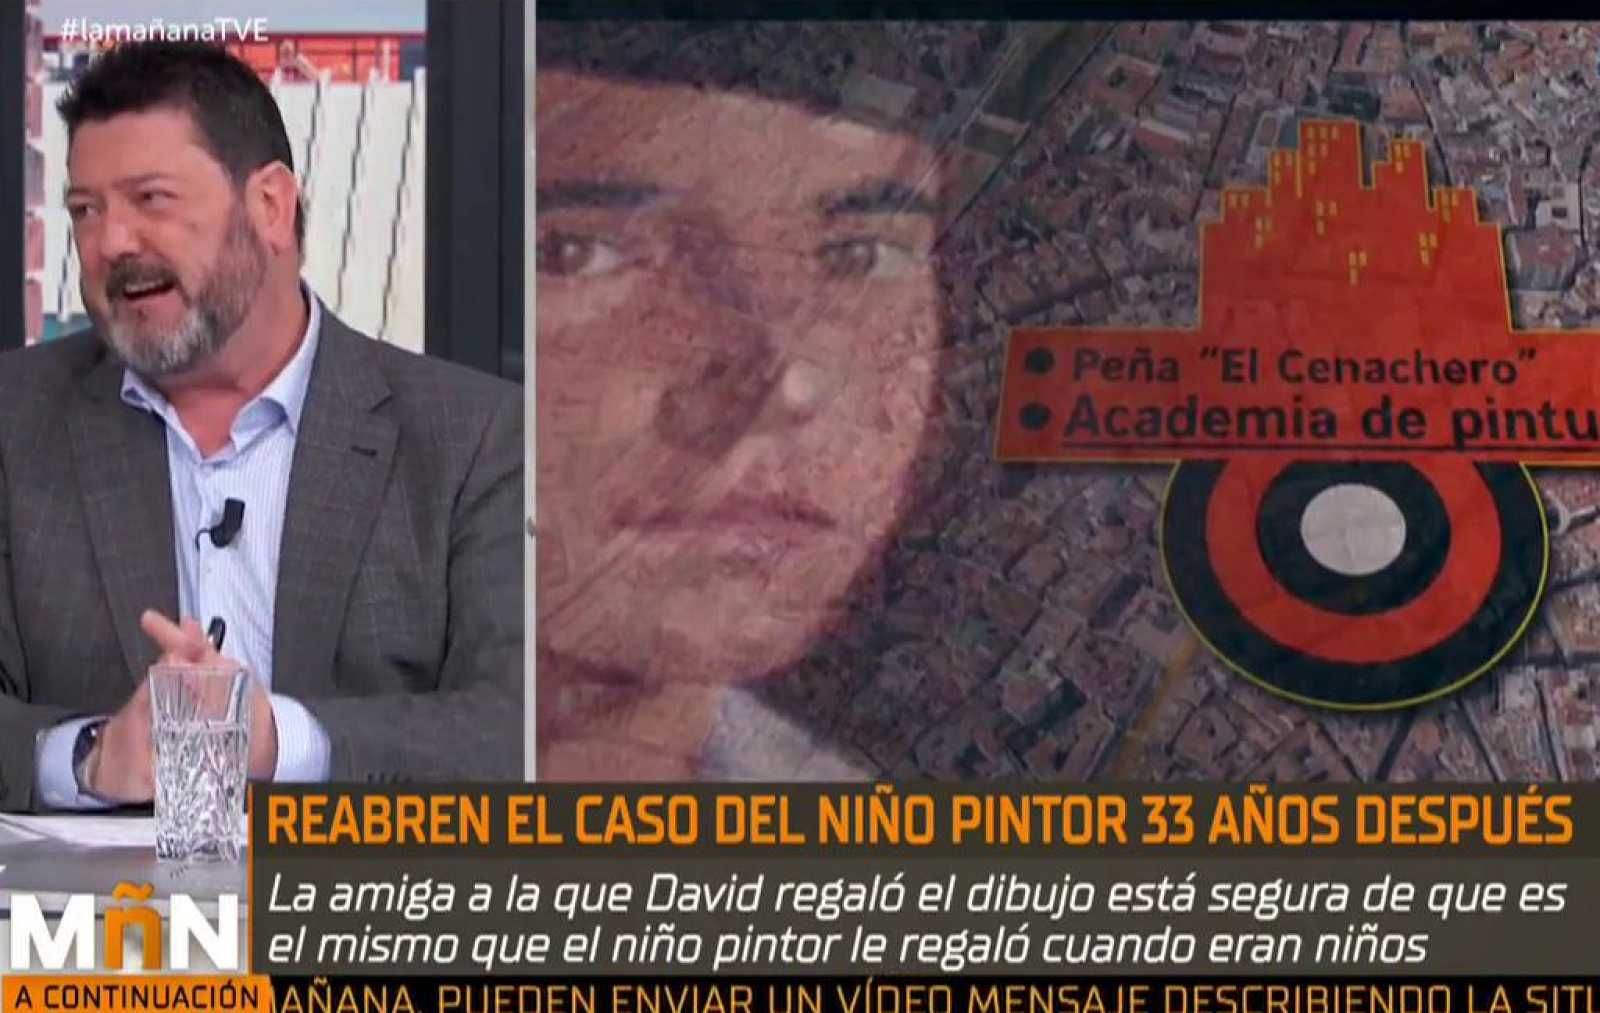 El caso de David Guerrero, se reconstruye la investigación después de 33 años